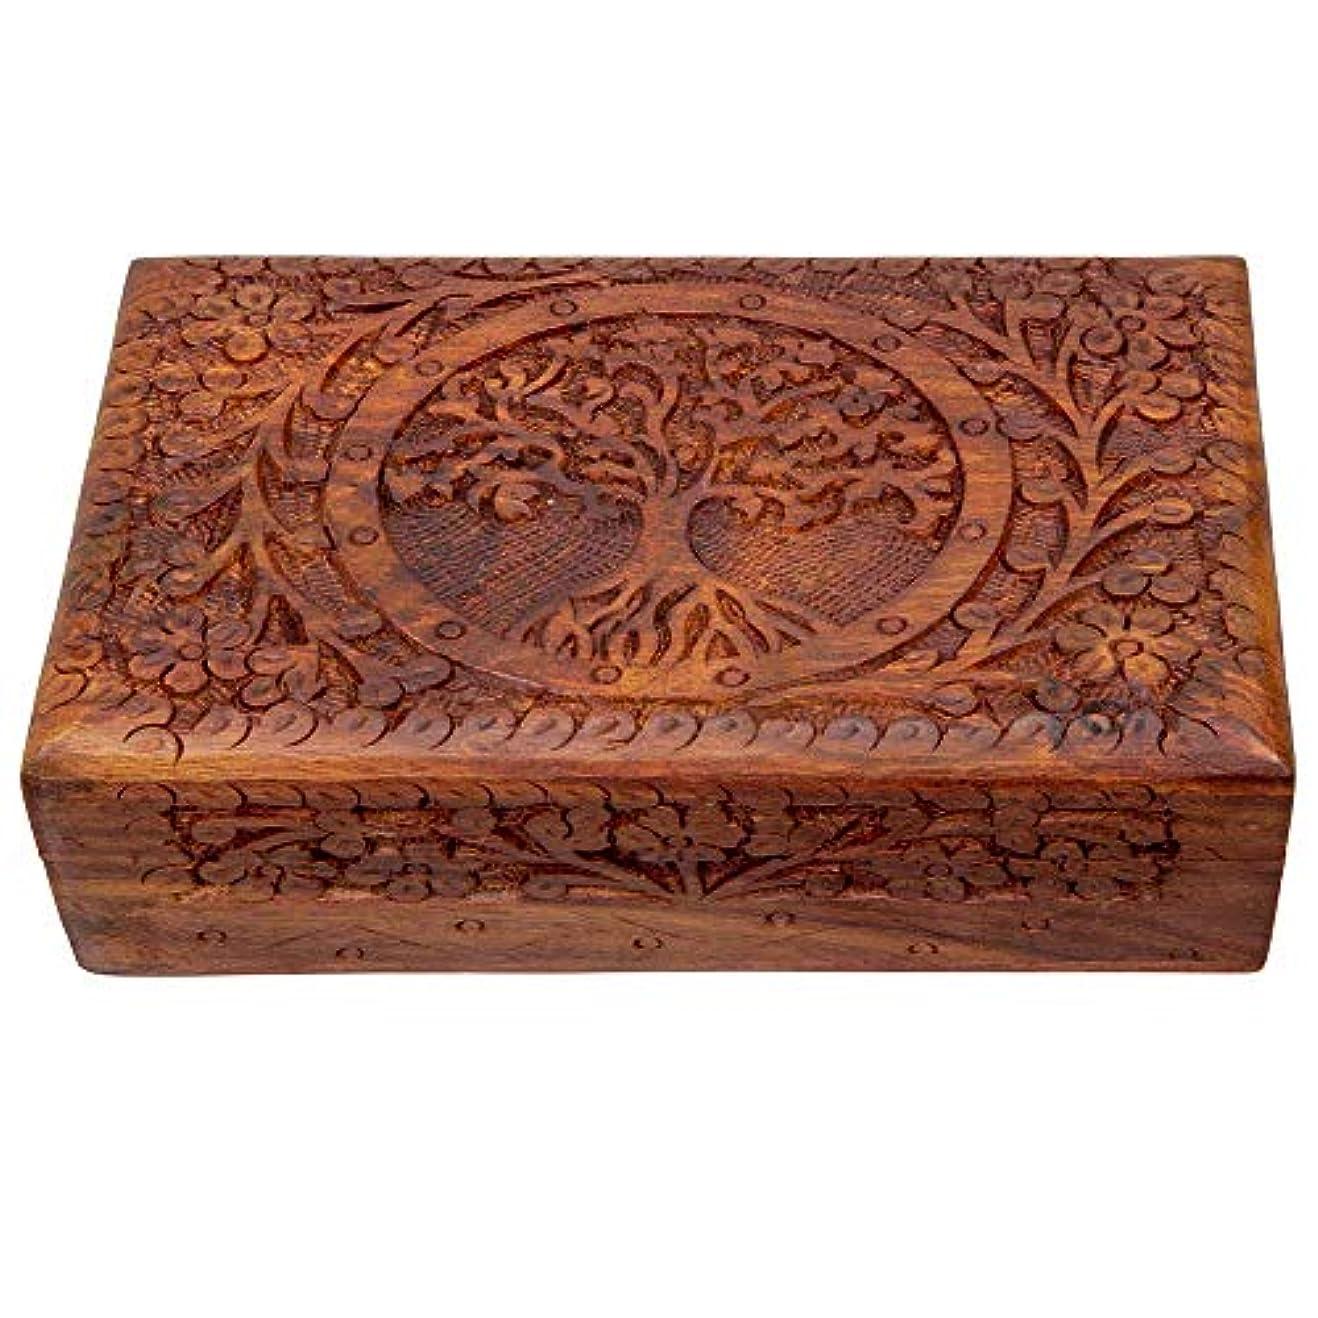 やさしくネックレスオンインドの職人 AOI-Jewellerybox-5-New